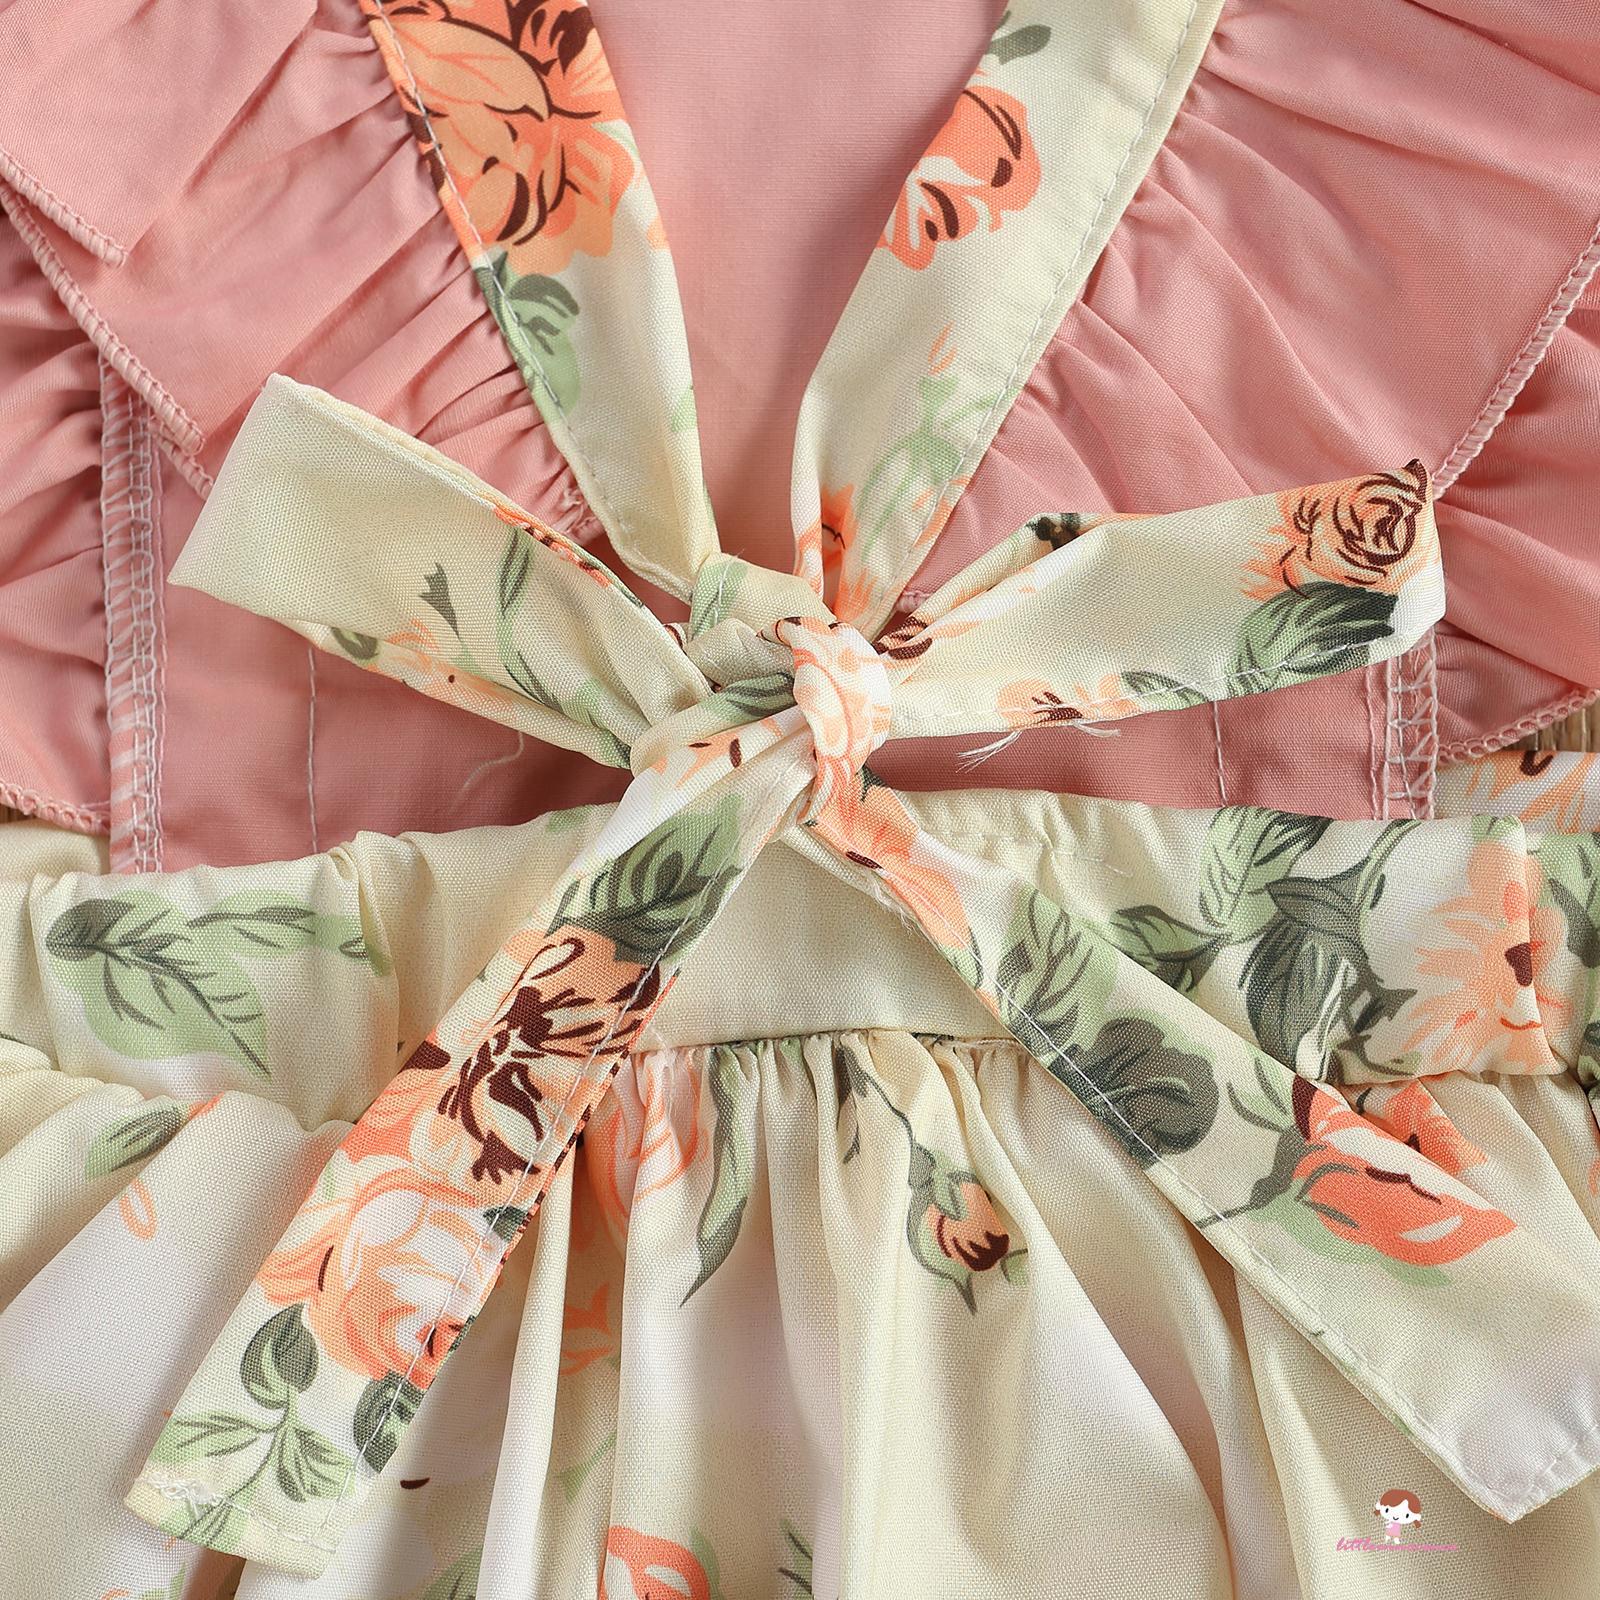 Đầm Tay Cánh Tiên Cổ Chữ U Cho Bé Gái 0-24 Tháng Tuổi